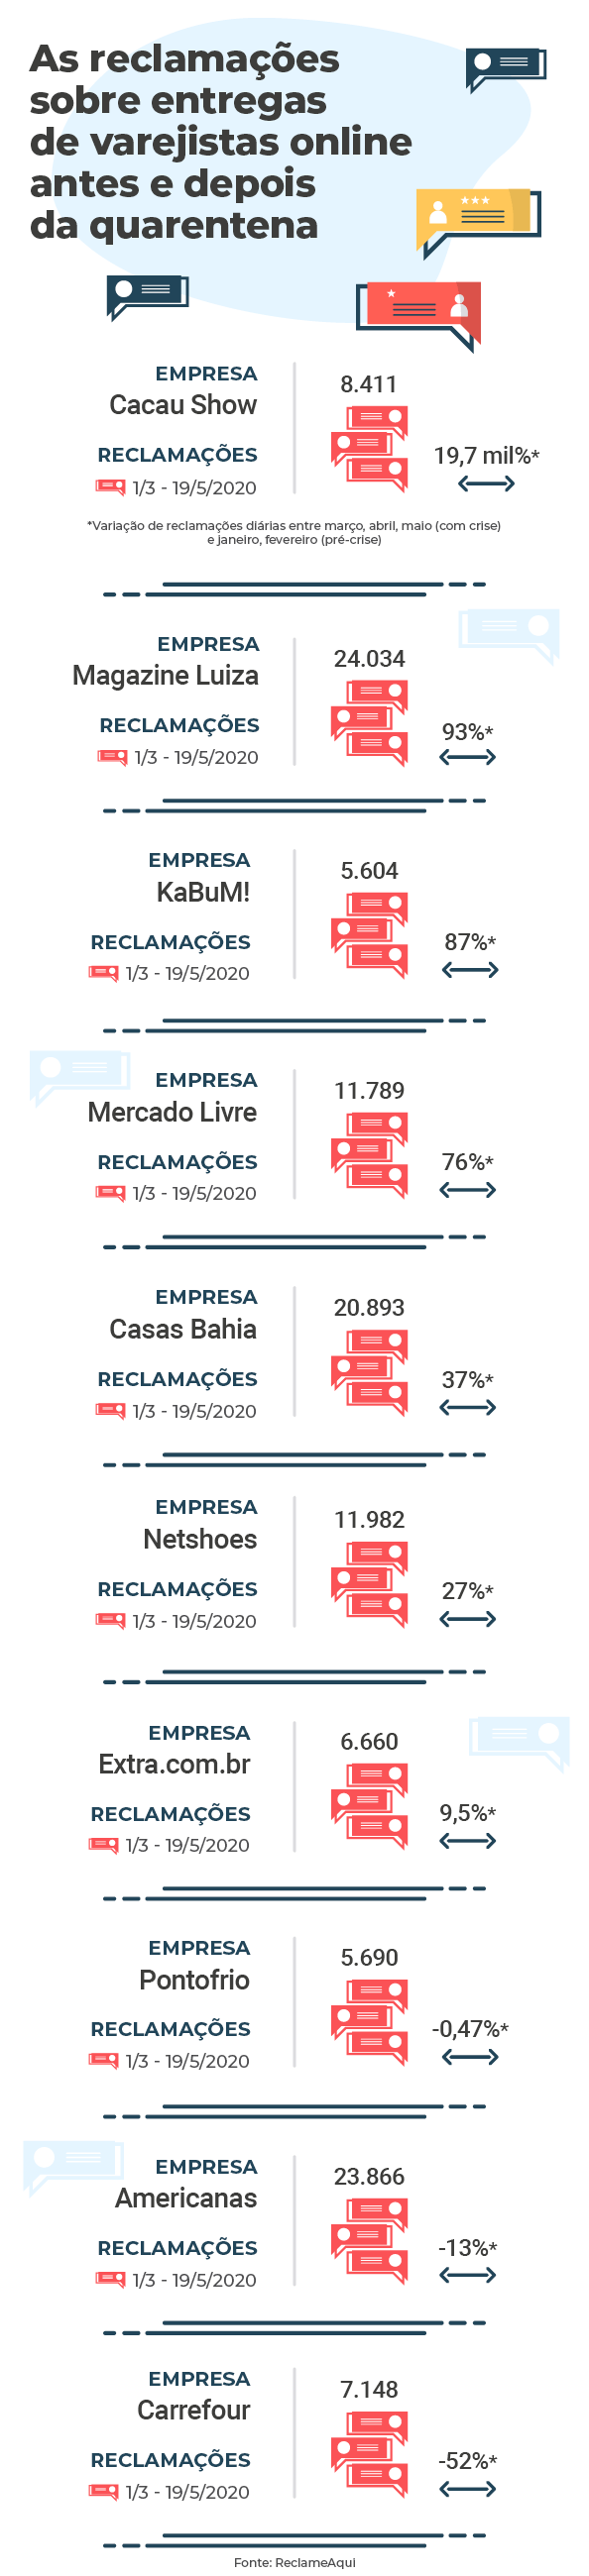 Infográfico que mostra ranking das varejistas mais reclamadas em relação à entregas na quarentena